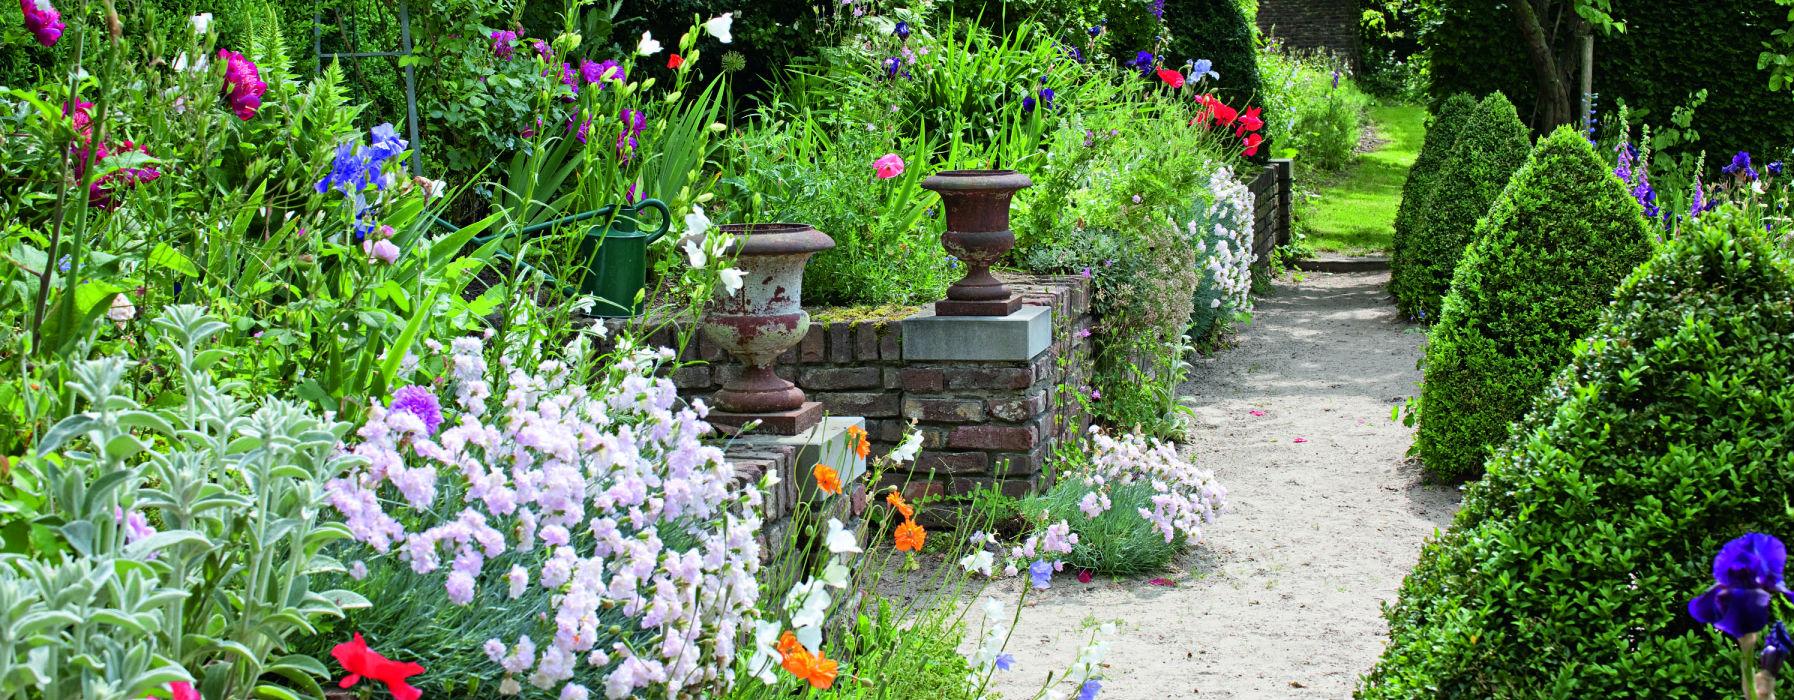 Progettazione e manutenzione giardini a milano - Progettazione terrazzi milano ...